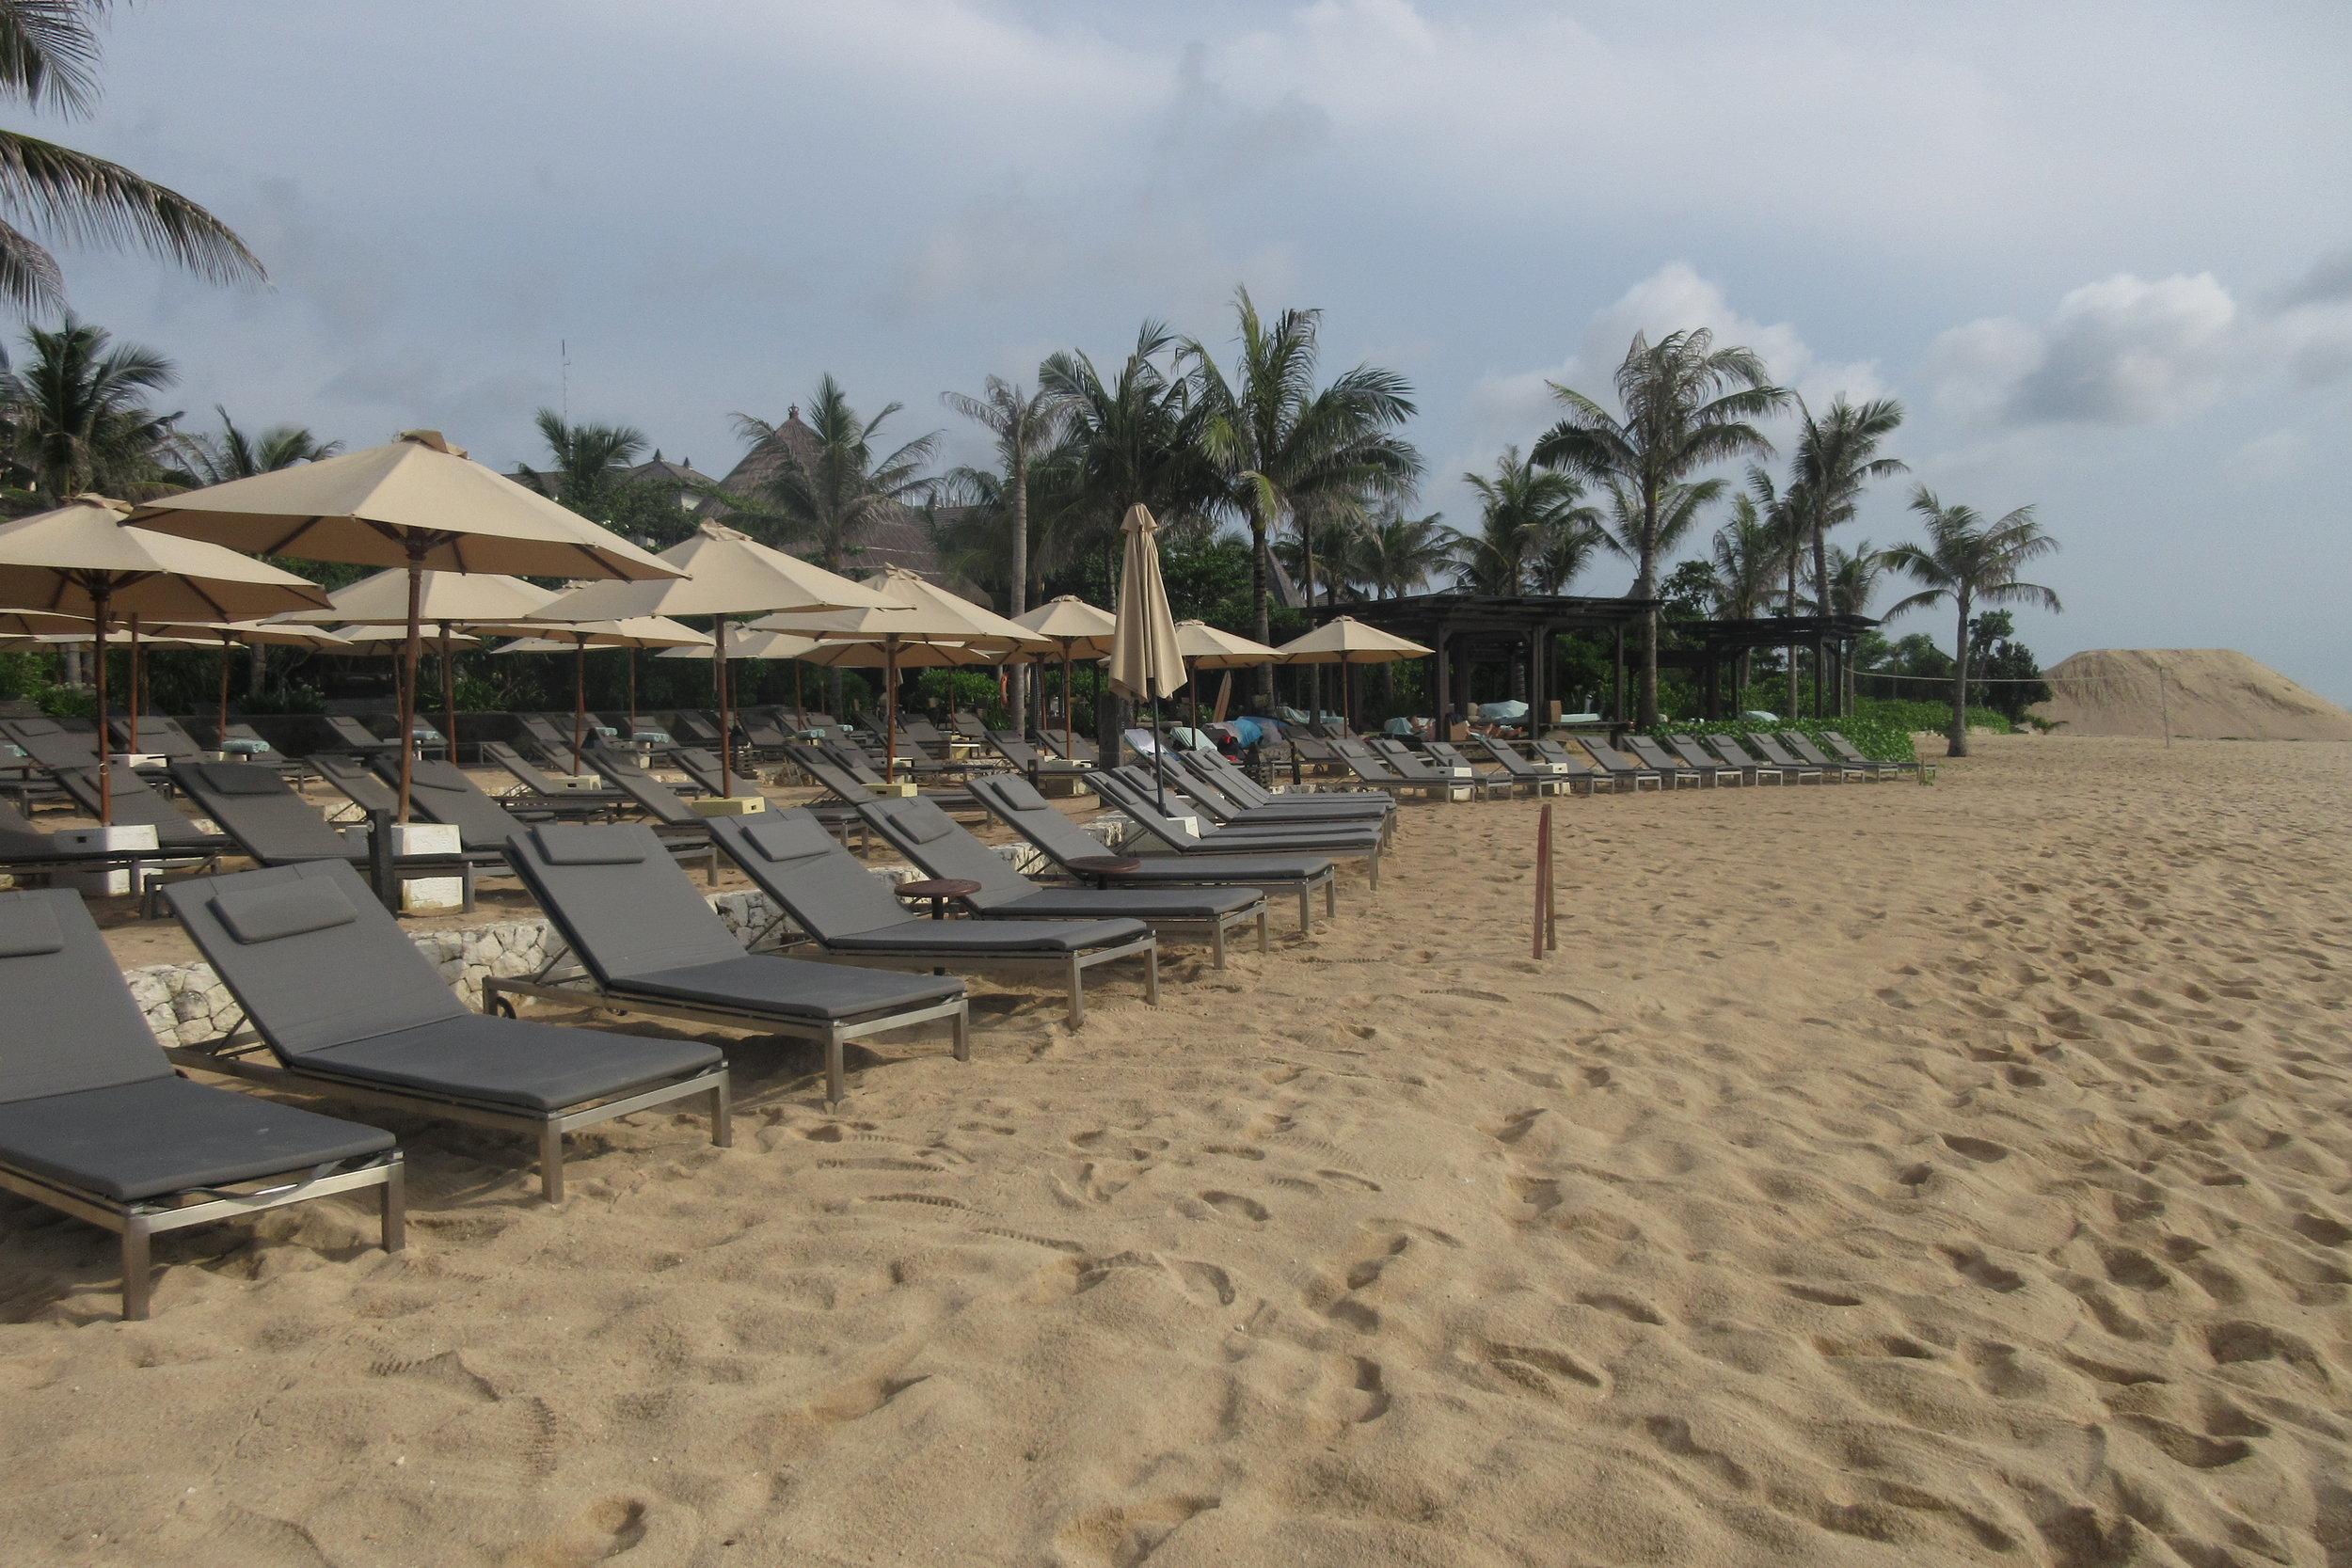 The Ritz-Carlton, Bali – Beach loungers